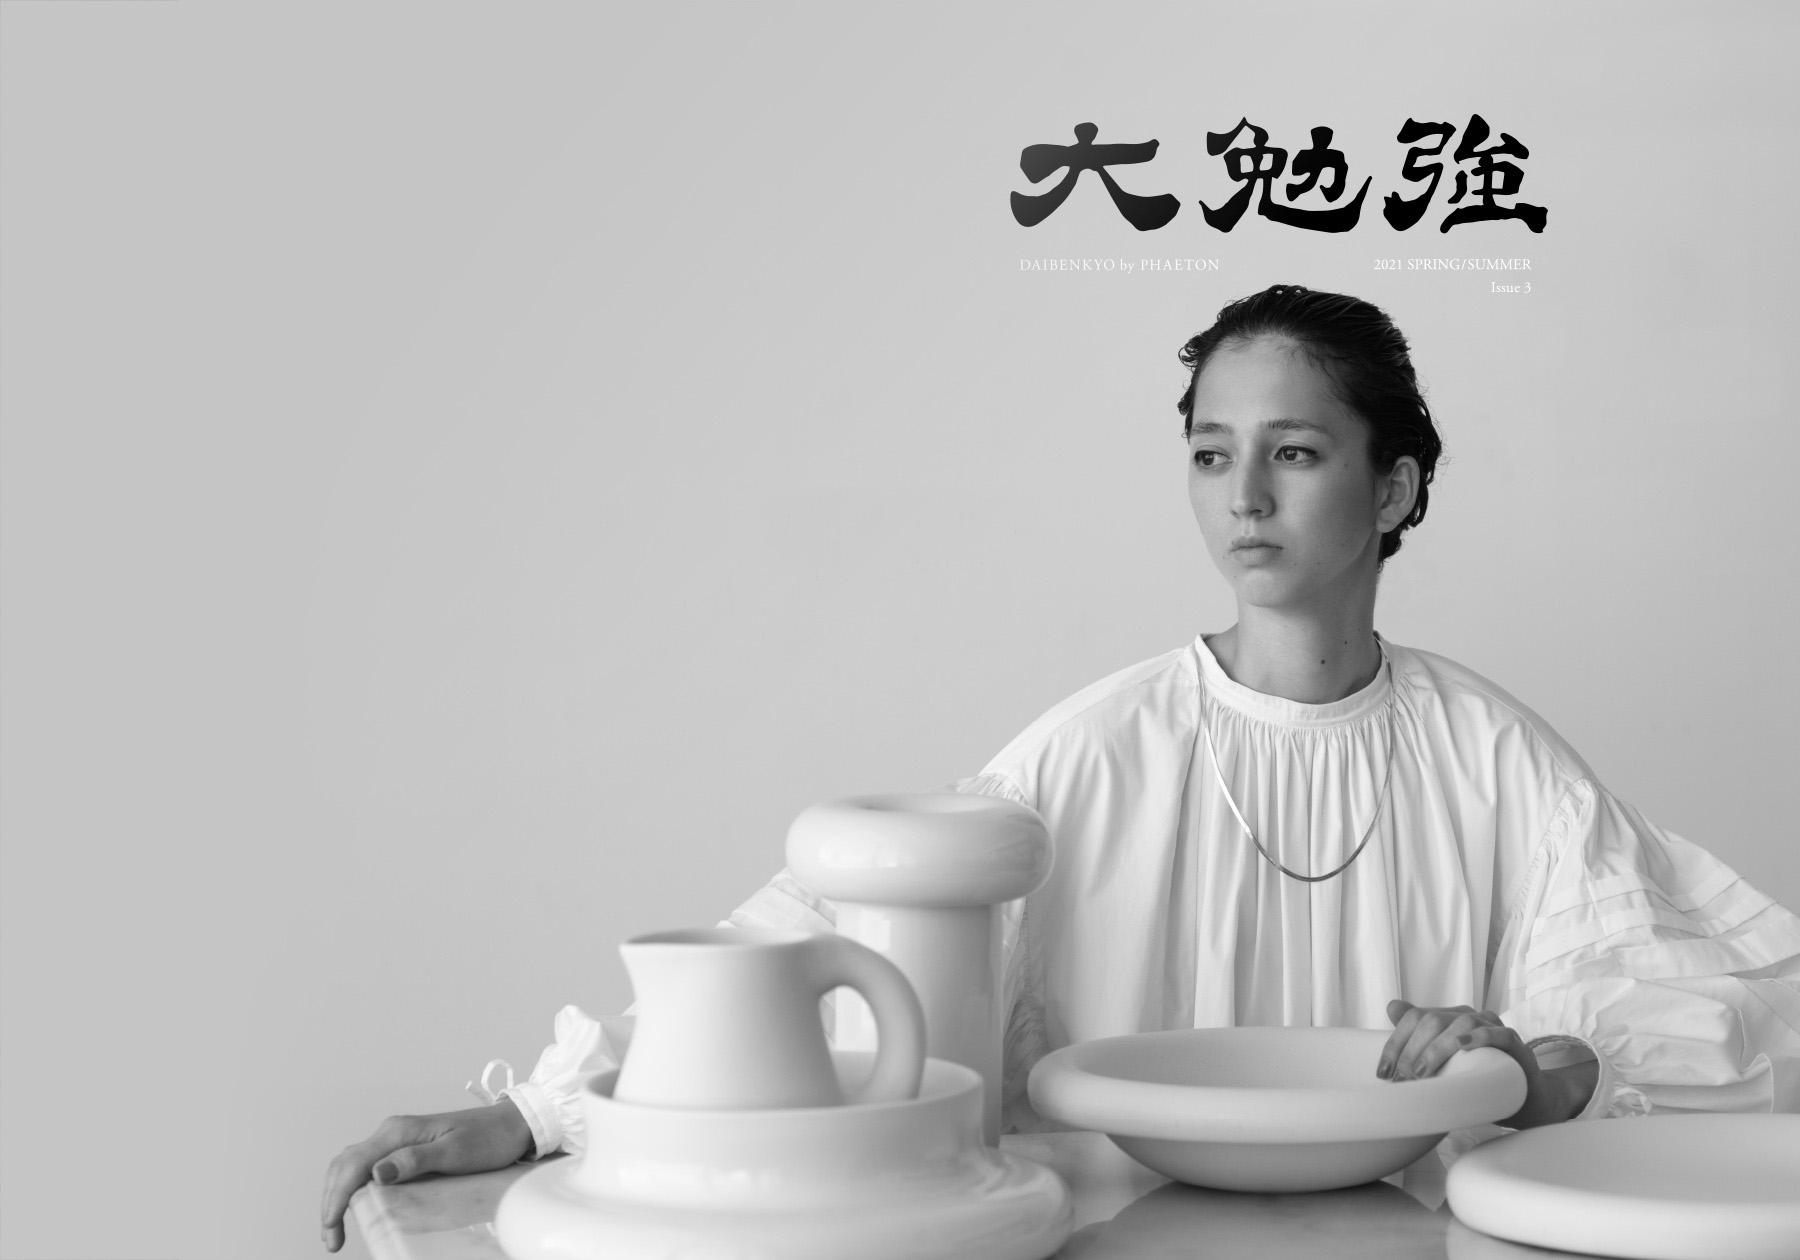 大勉強 by PHAETON Issue3